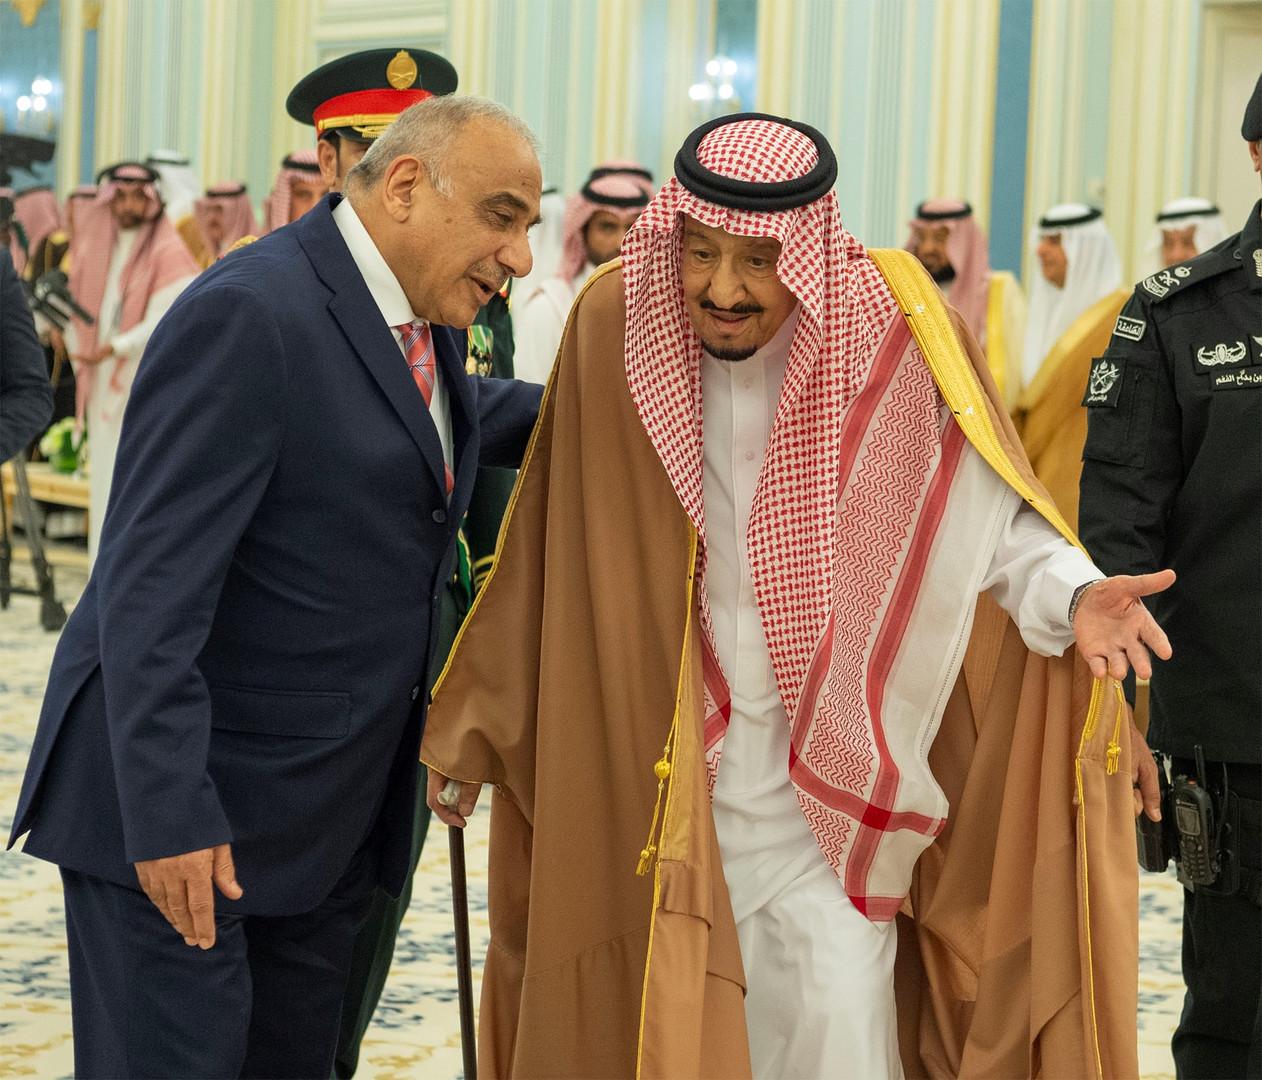 العاهل السعودي الملك سلمان بن عبد العزيز ورئيس الوزراء العراقي عادل عبد المهدي